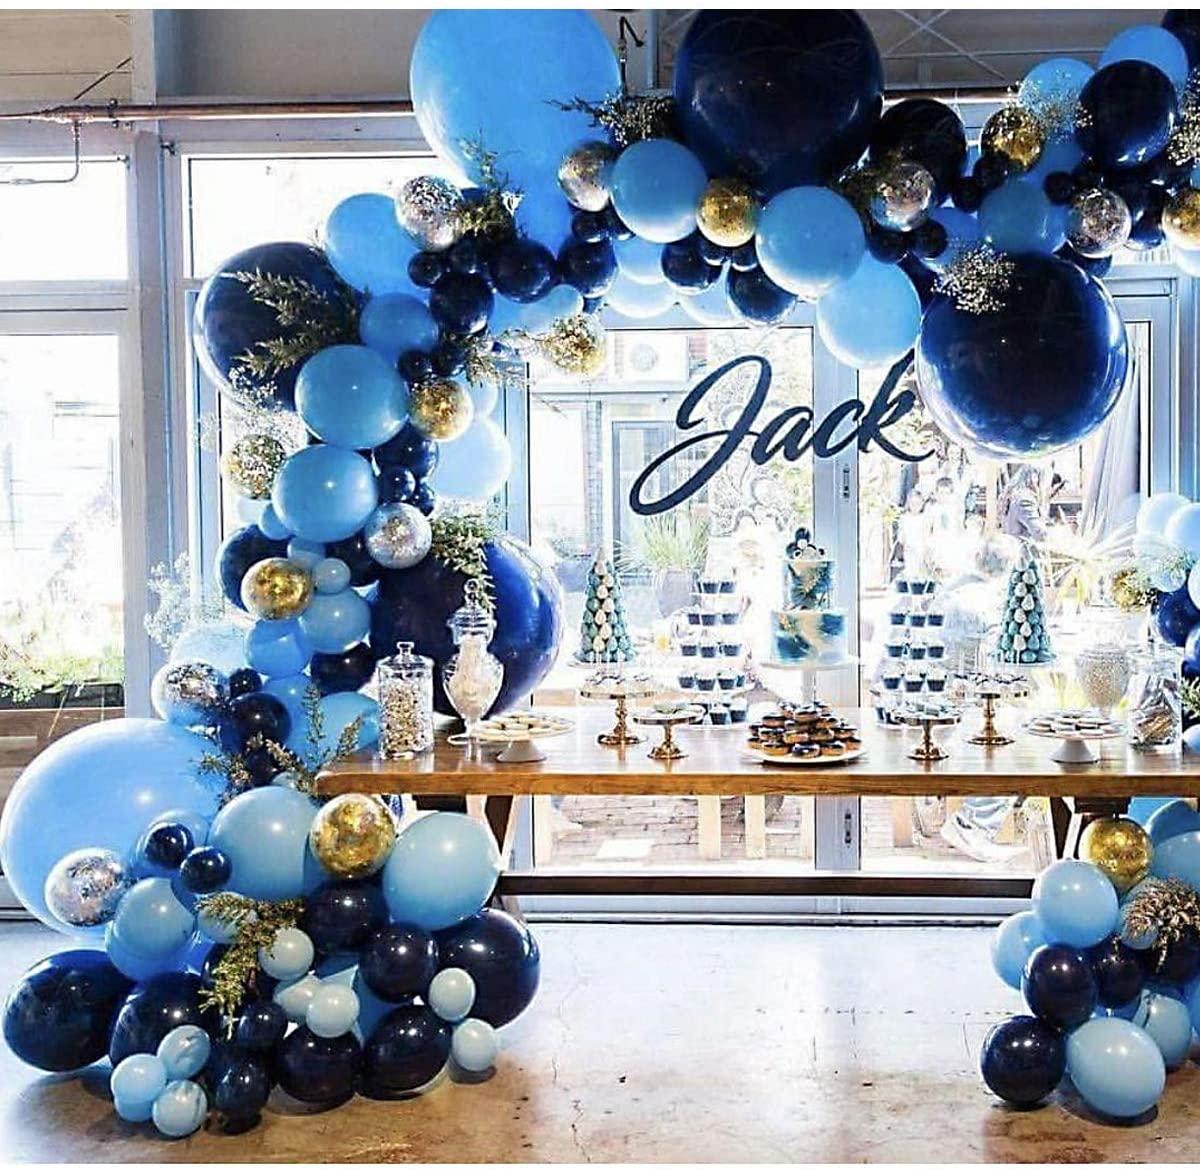 300 шт., 12 дюймов, королевский синий, темно-синий, конфетти, воздушные шары, арочный комплект для детского душа, свадьбы, дня рождения, юбилея, у...